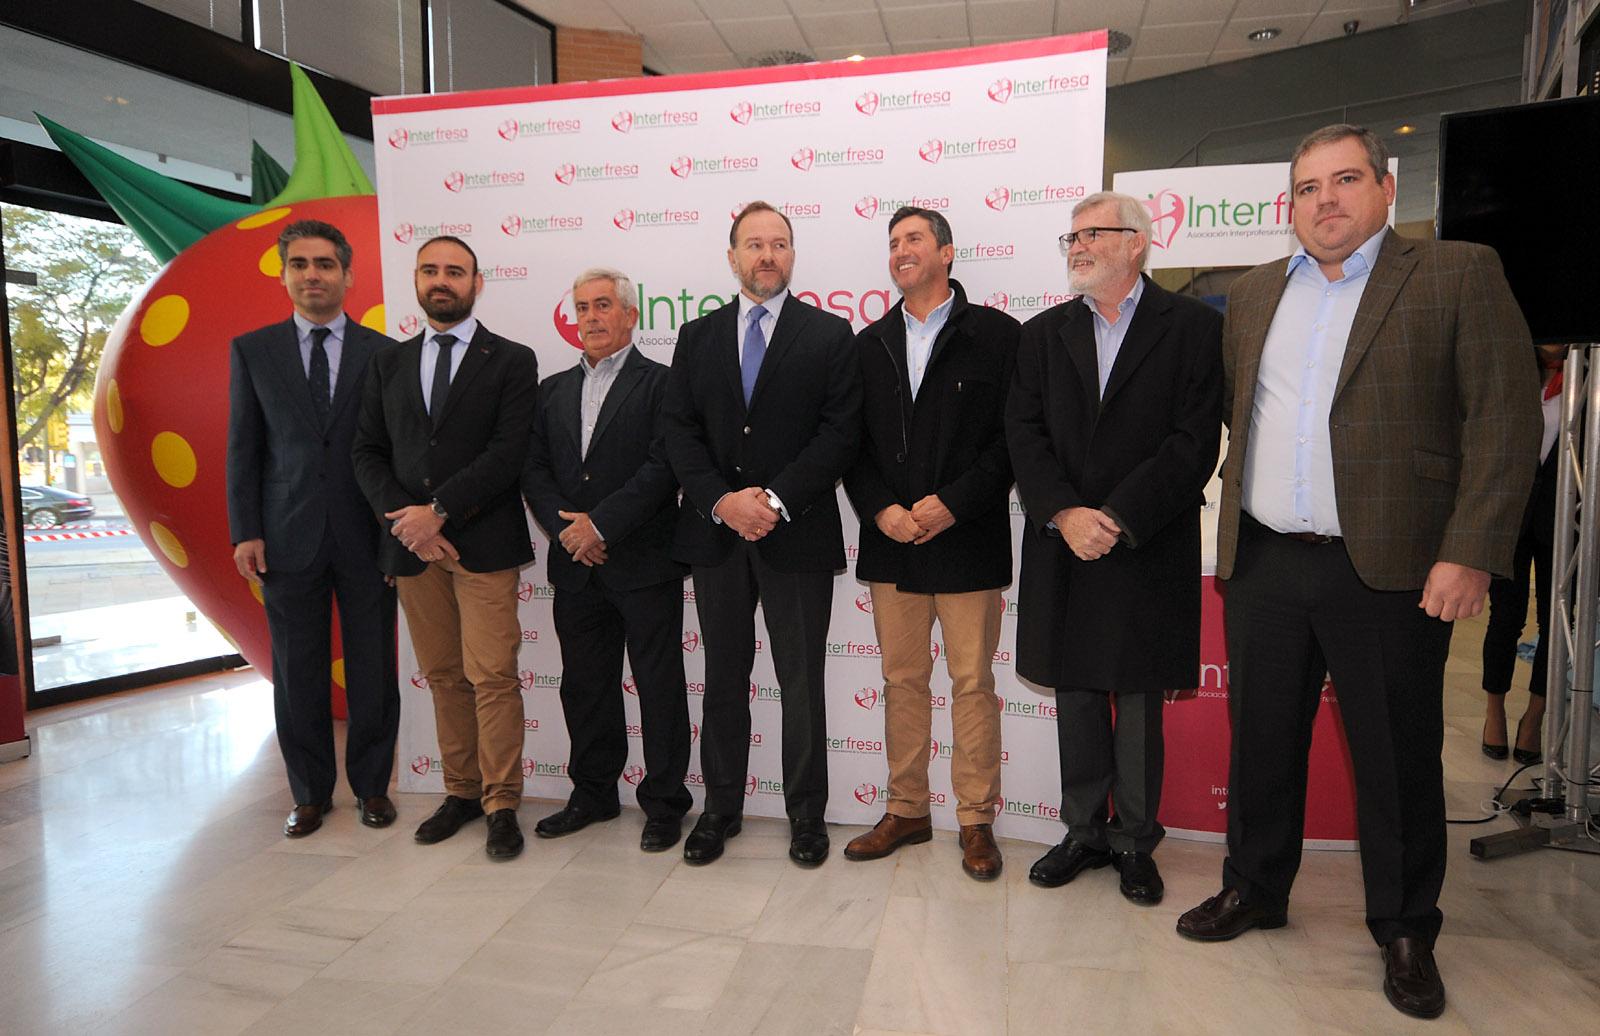 Interfresa anuncia que se prepara una nueva campaña de promoción que abarcará a todos los frutos rojos